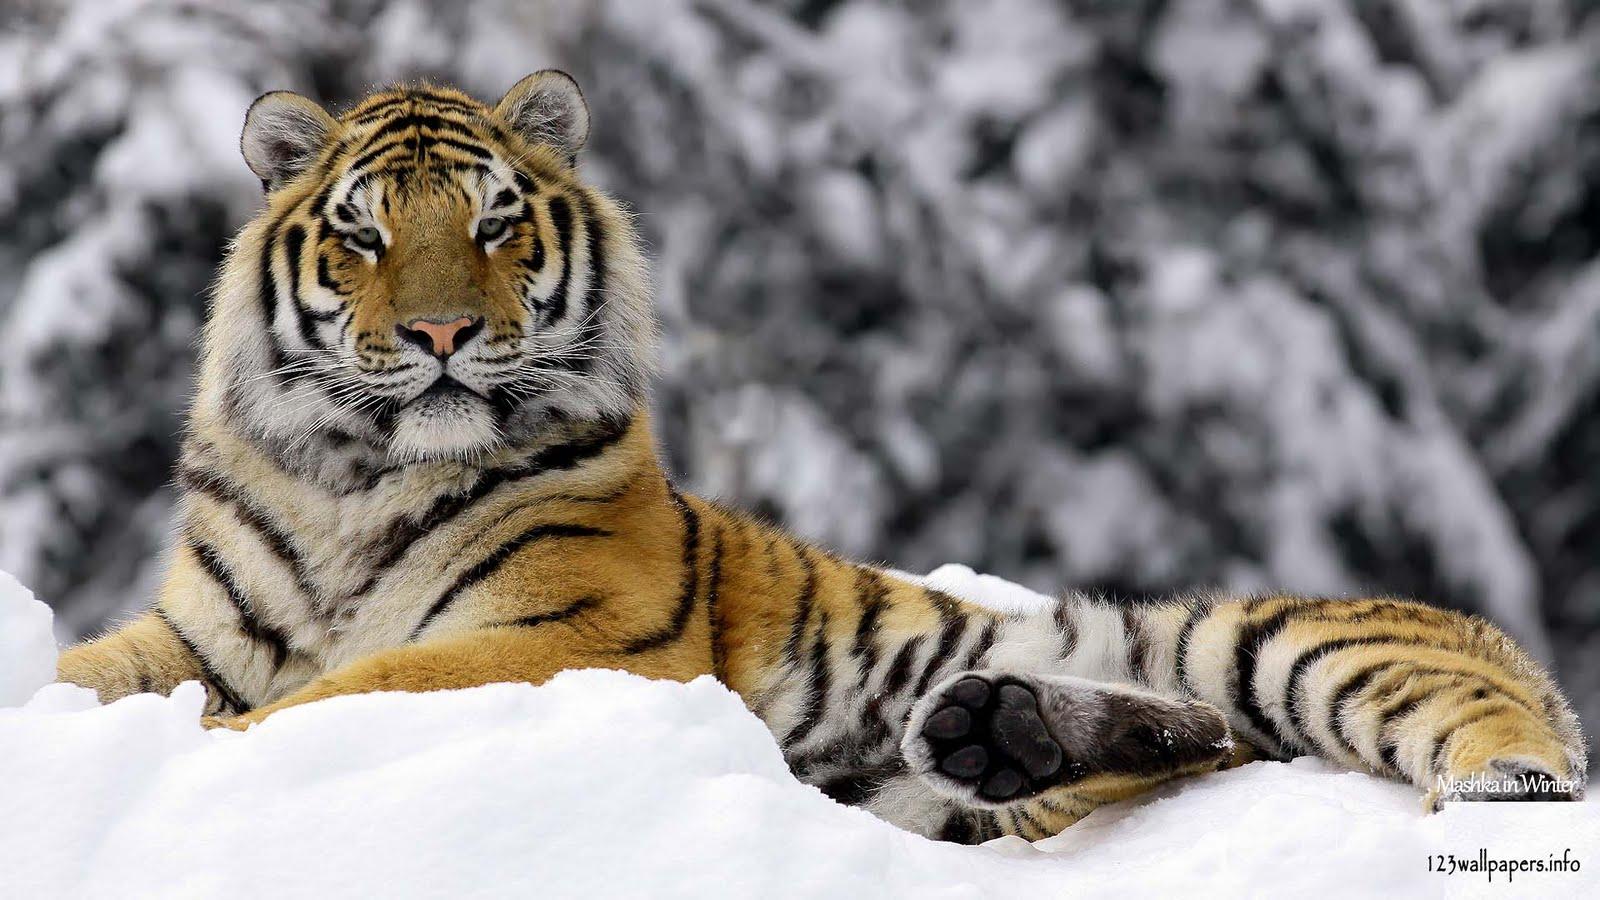 http://2.bp.blogspot.com/-WEQ37ou_RNw/TtxJU63ULdI/AAAAAAAAAlQ/U9jHxWXAxrI/s1600/winter-hd-9-739736.jpg